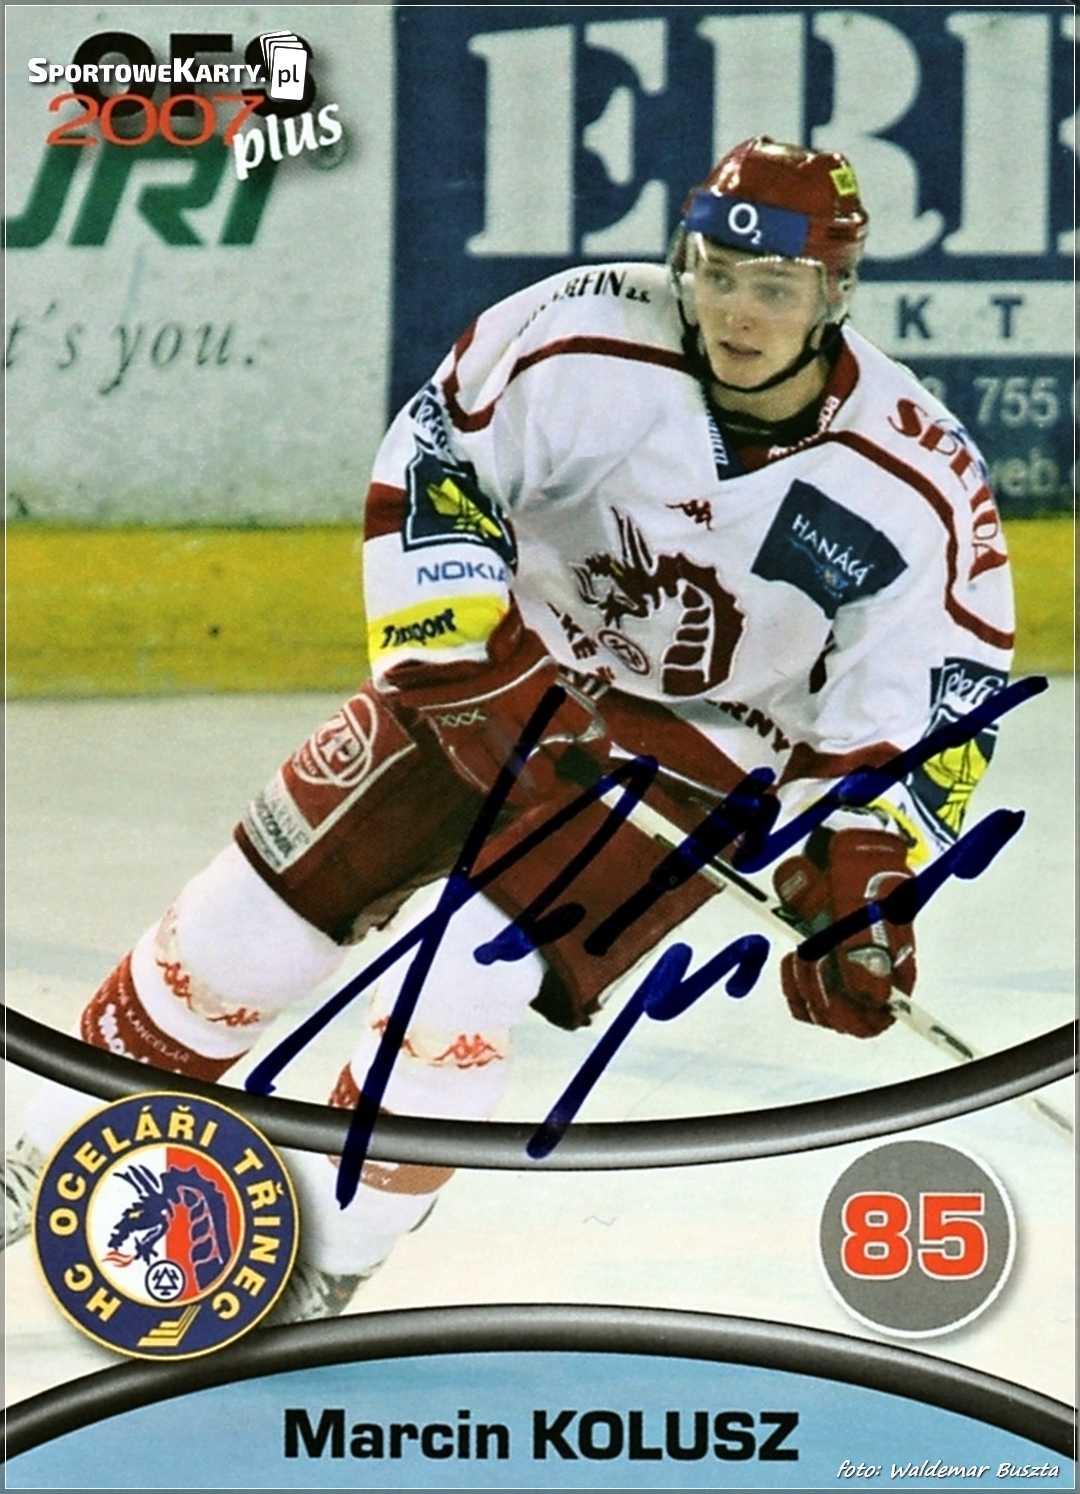 Hokej portal - Hokejowe Karty - Polski hokej - Polska Hokej Liga